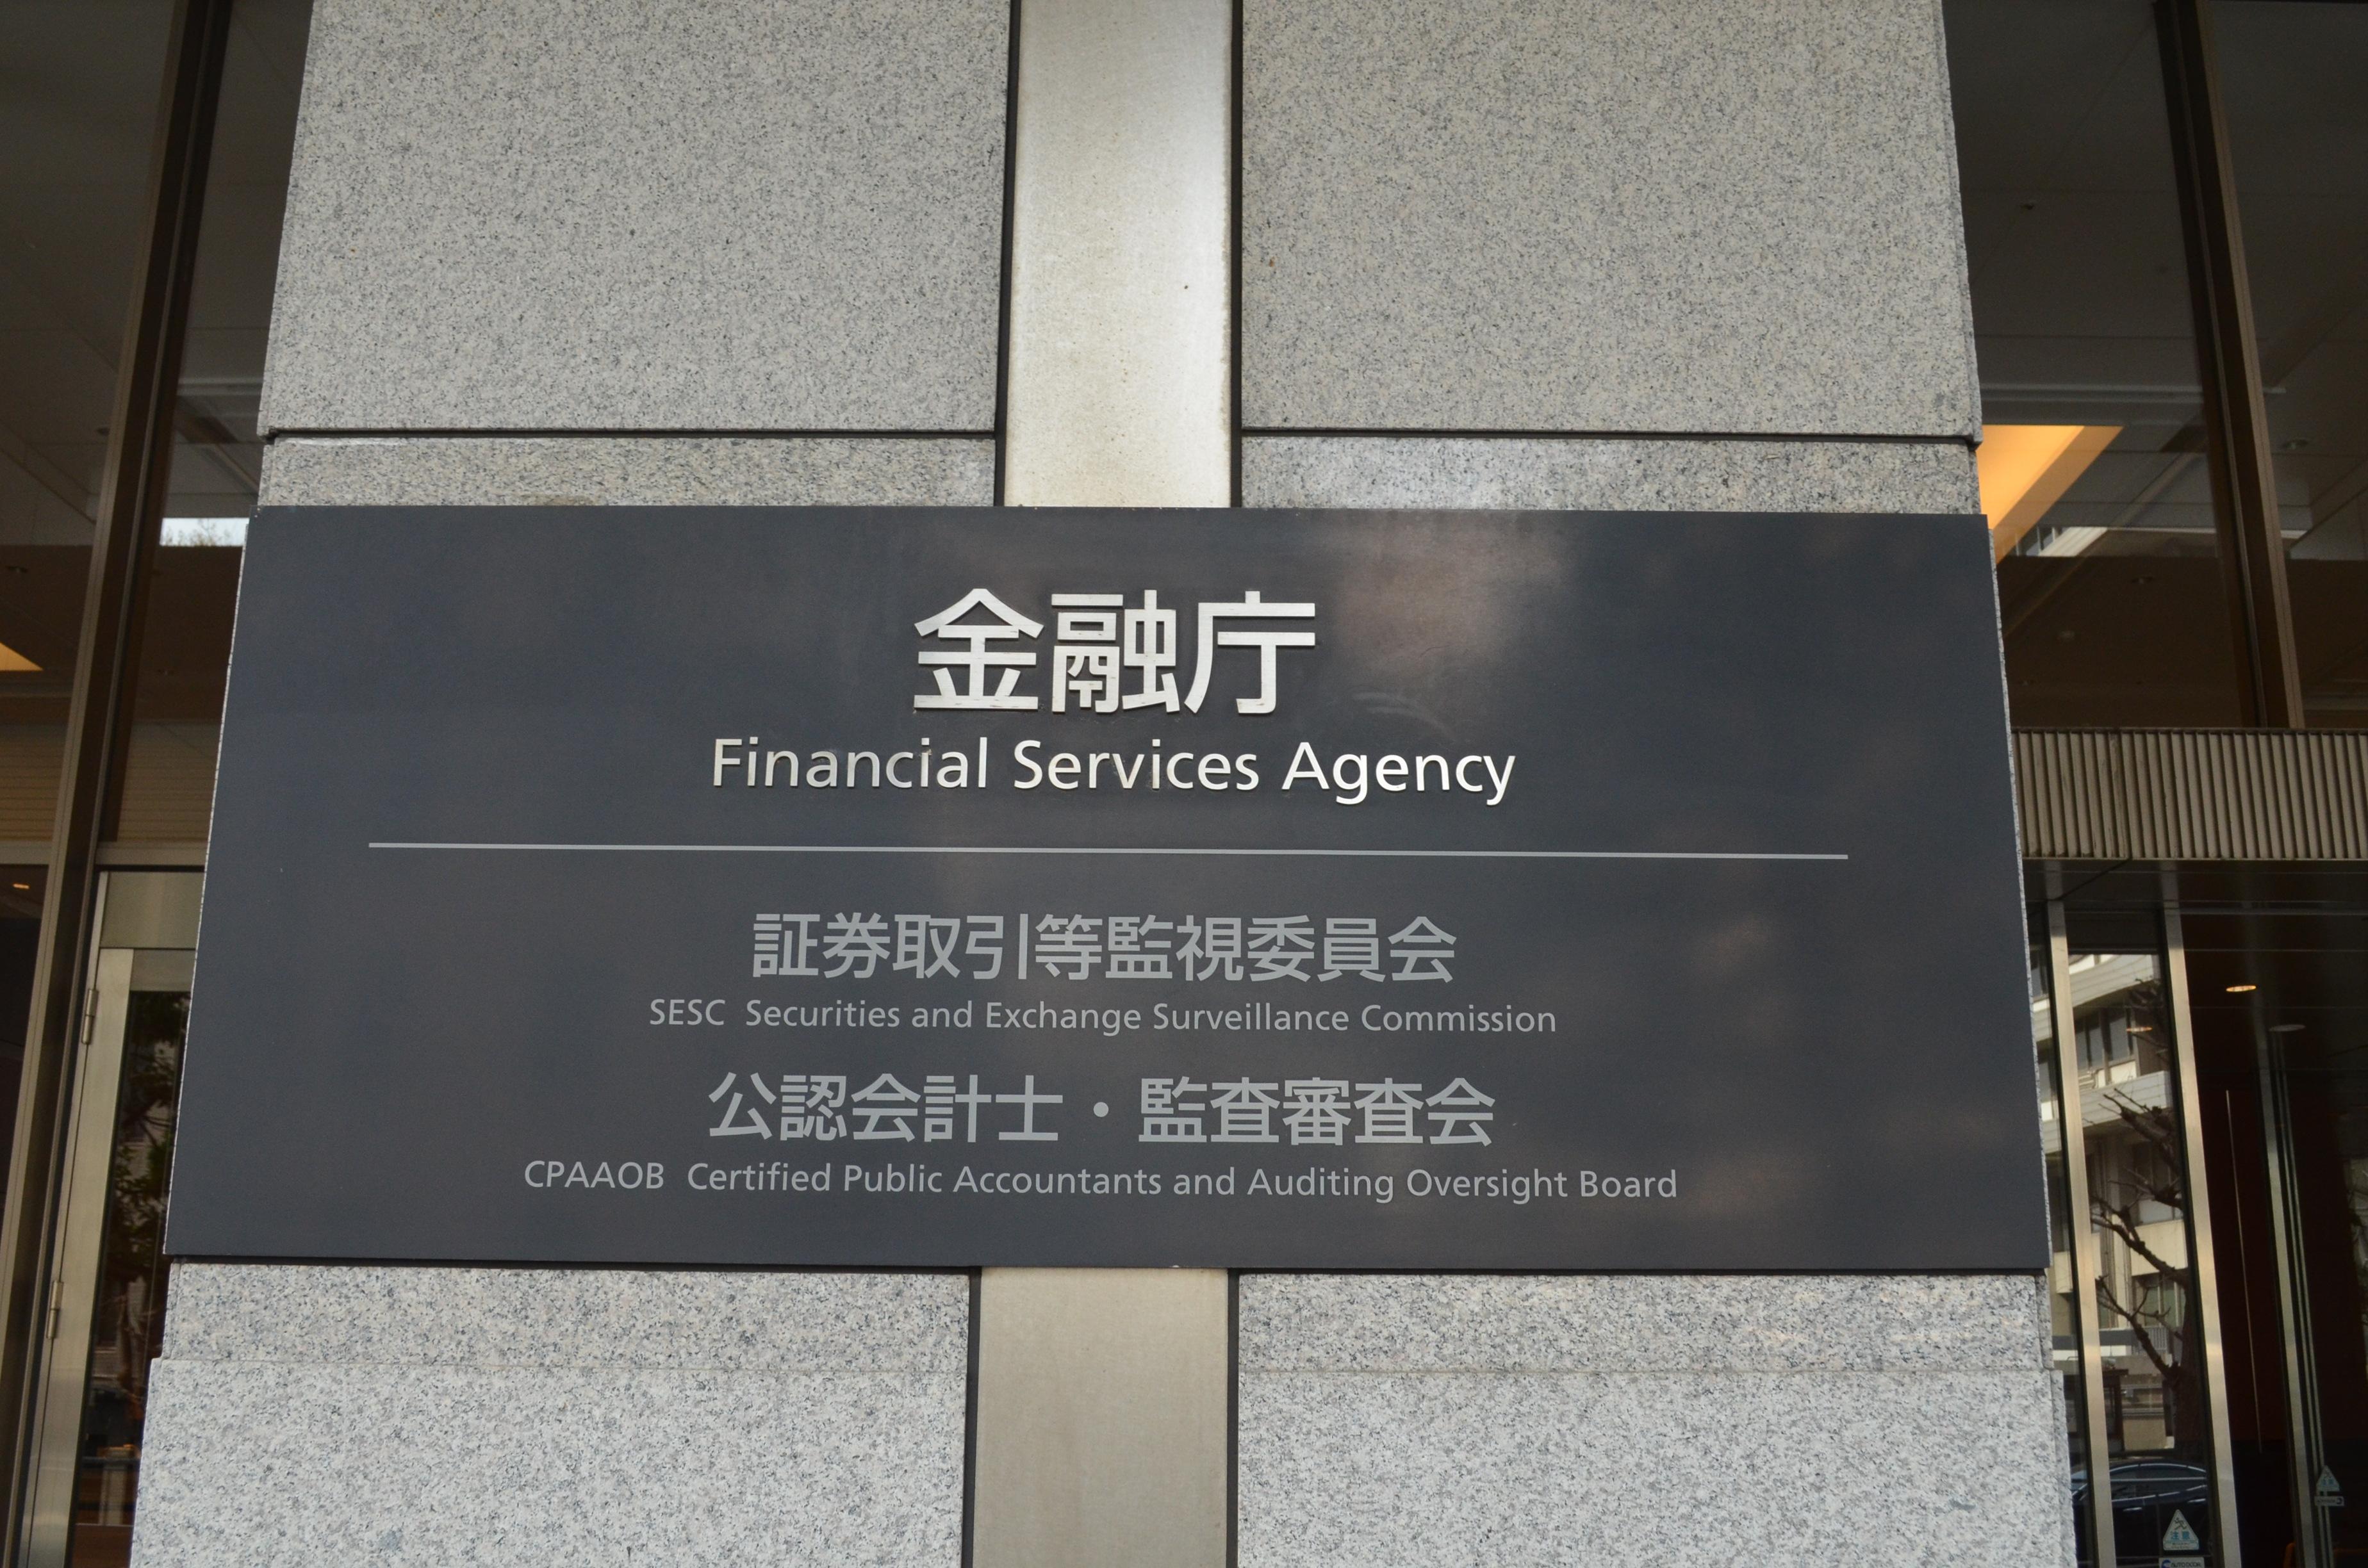 2018年6月8日号2面 金融庁、地域銀行へ含み損処理促す、「コア業純」超えに警鐘